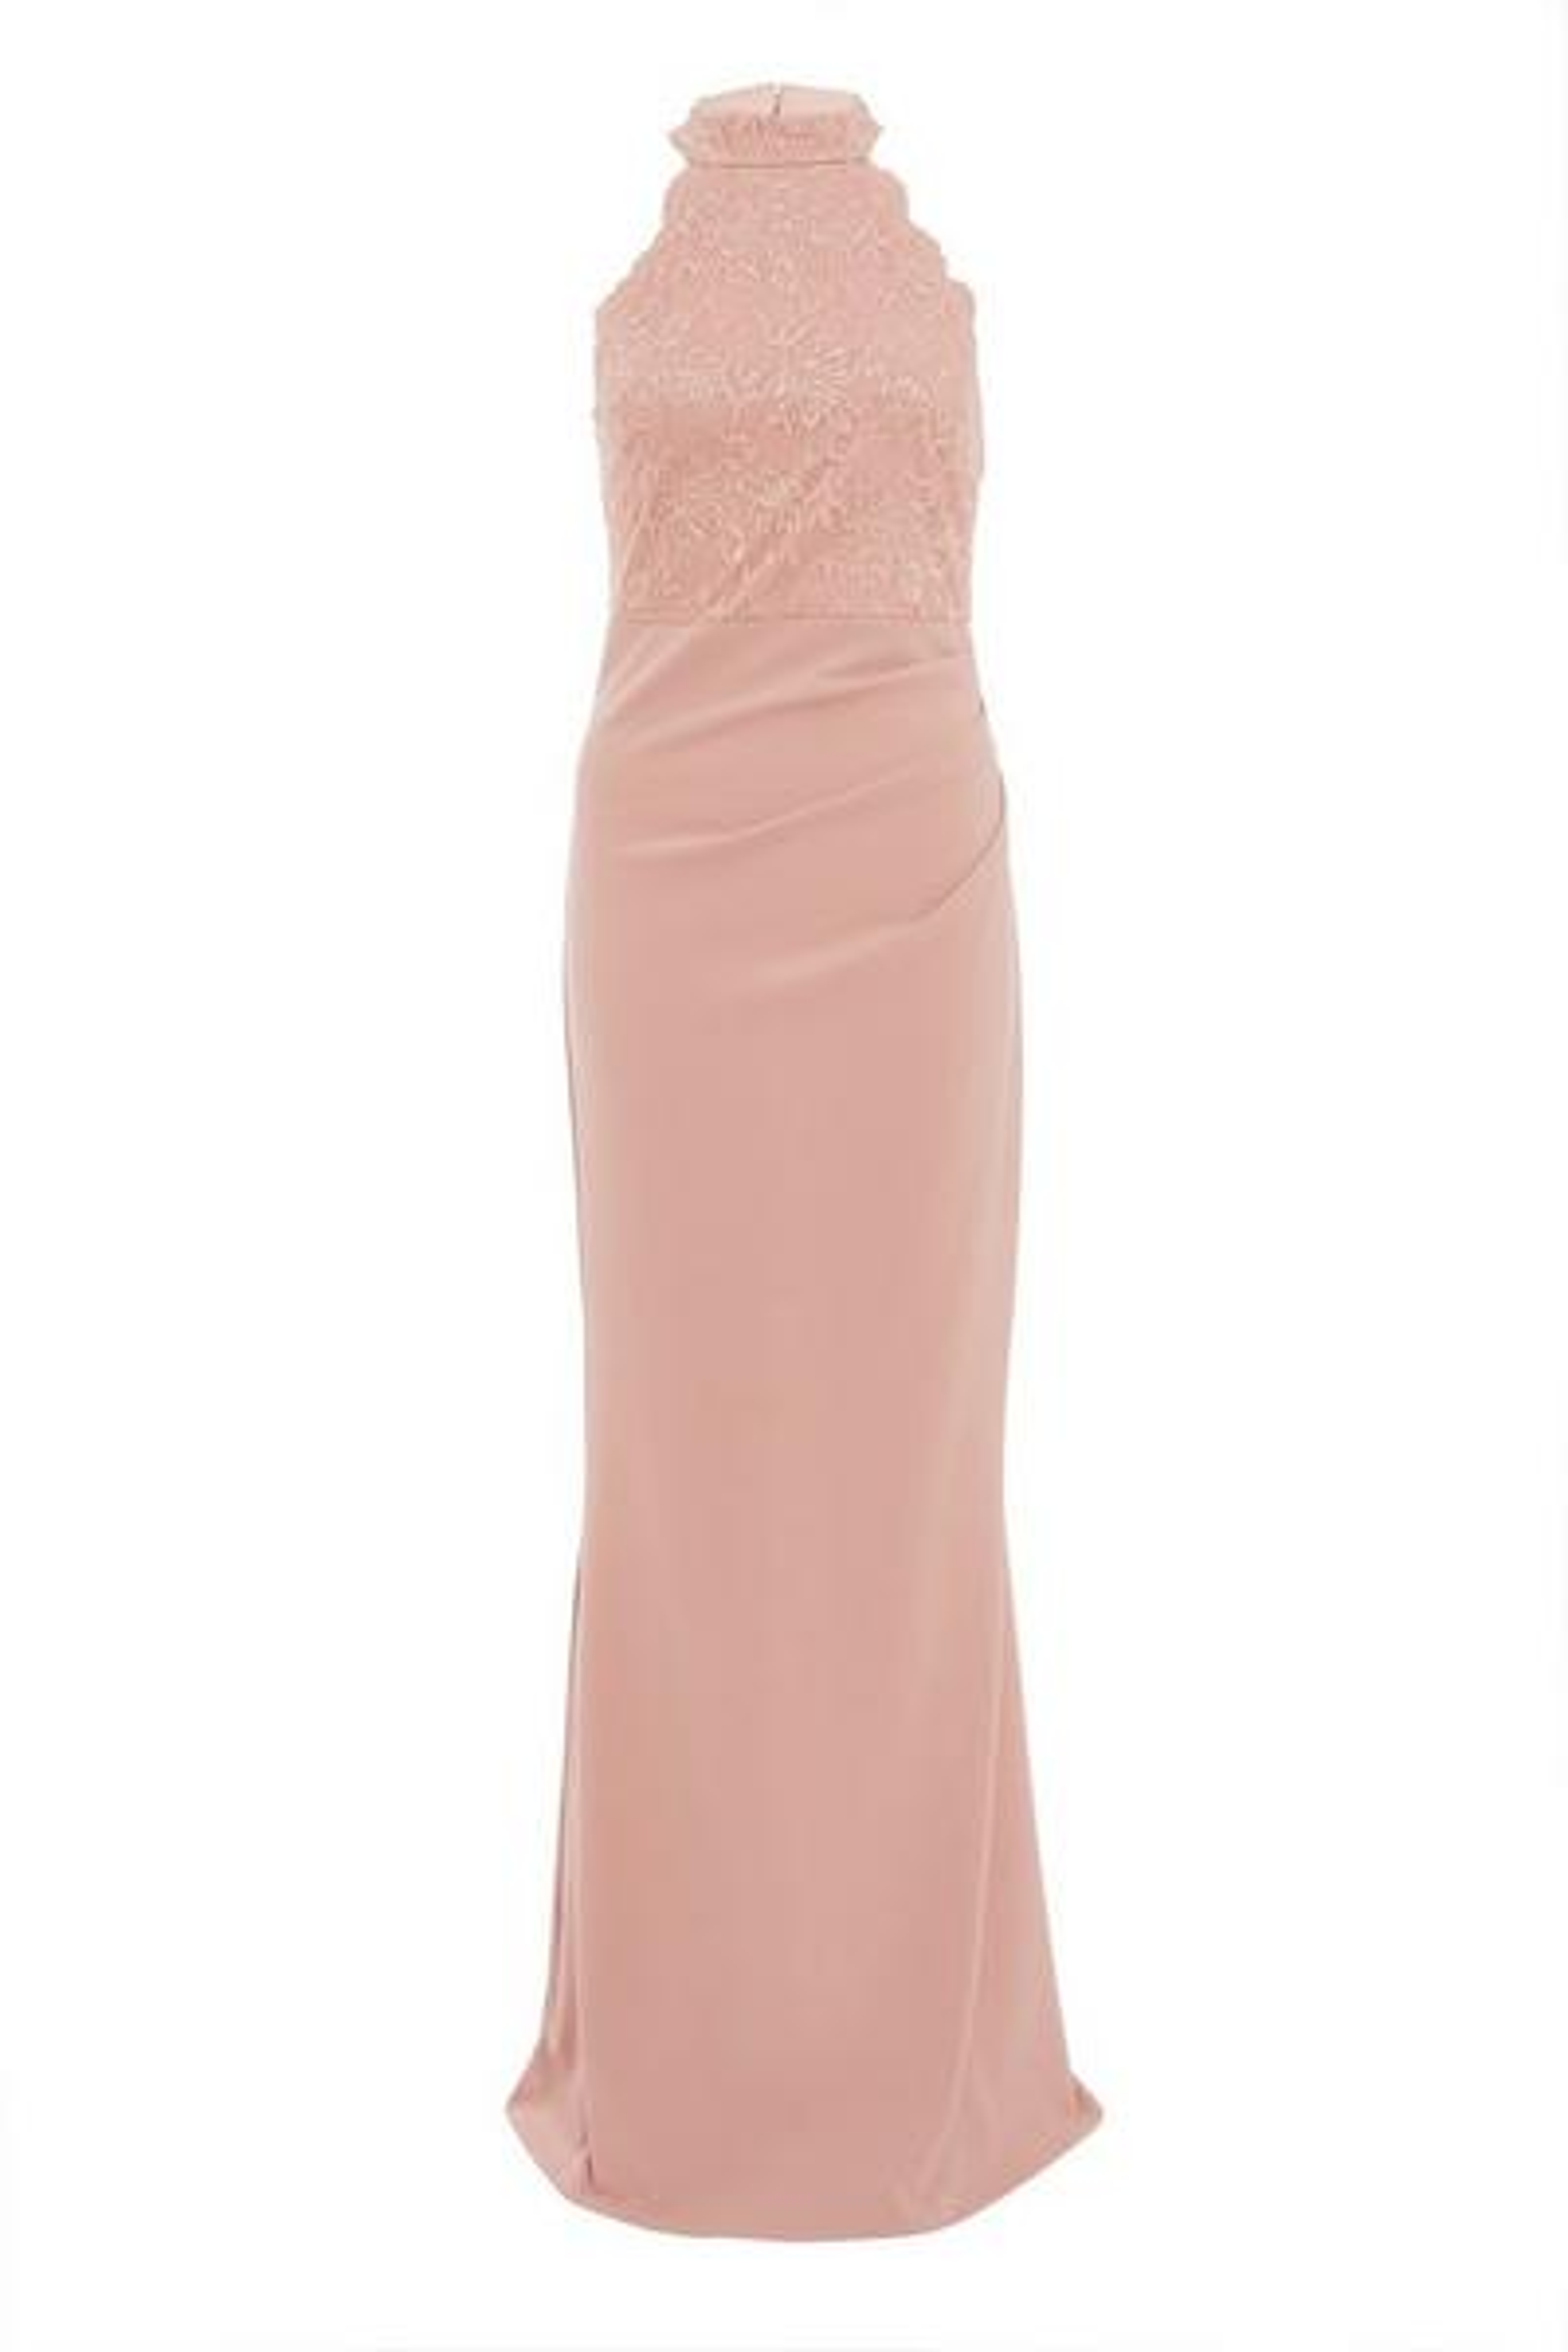 Pink Lace Fishtail Maxi Dress